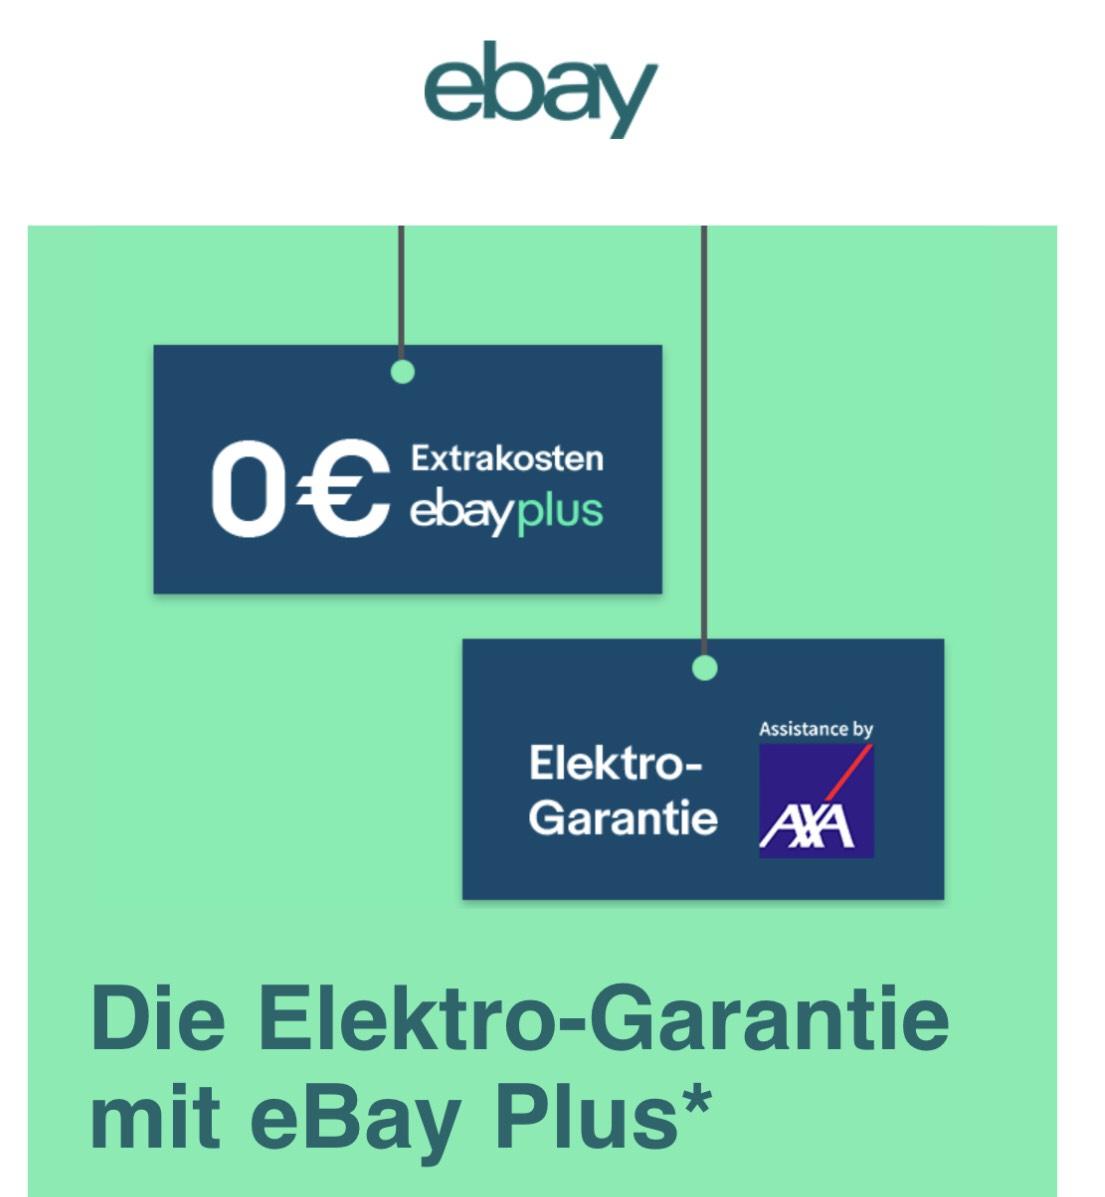 Die ElektroGarantie mit eBay Plus & AXA - 5 Jahre Garantie kostenlos, egal ob bei eBay erworben für (fast) alle Elektrogeräte